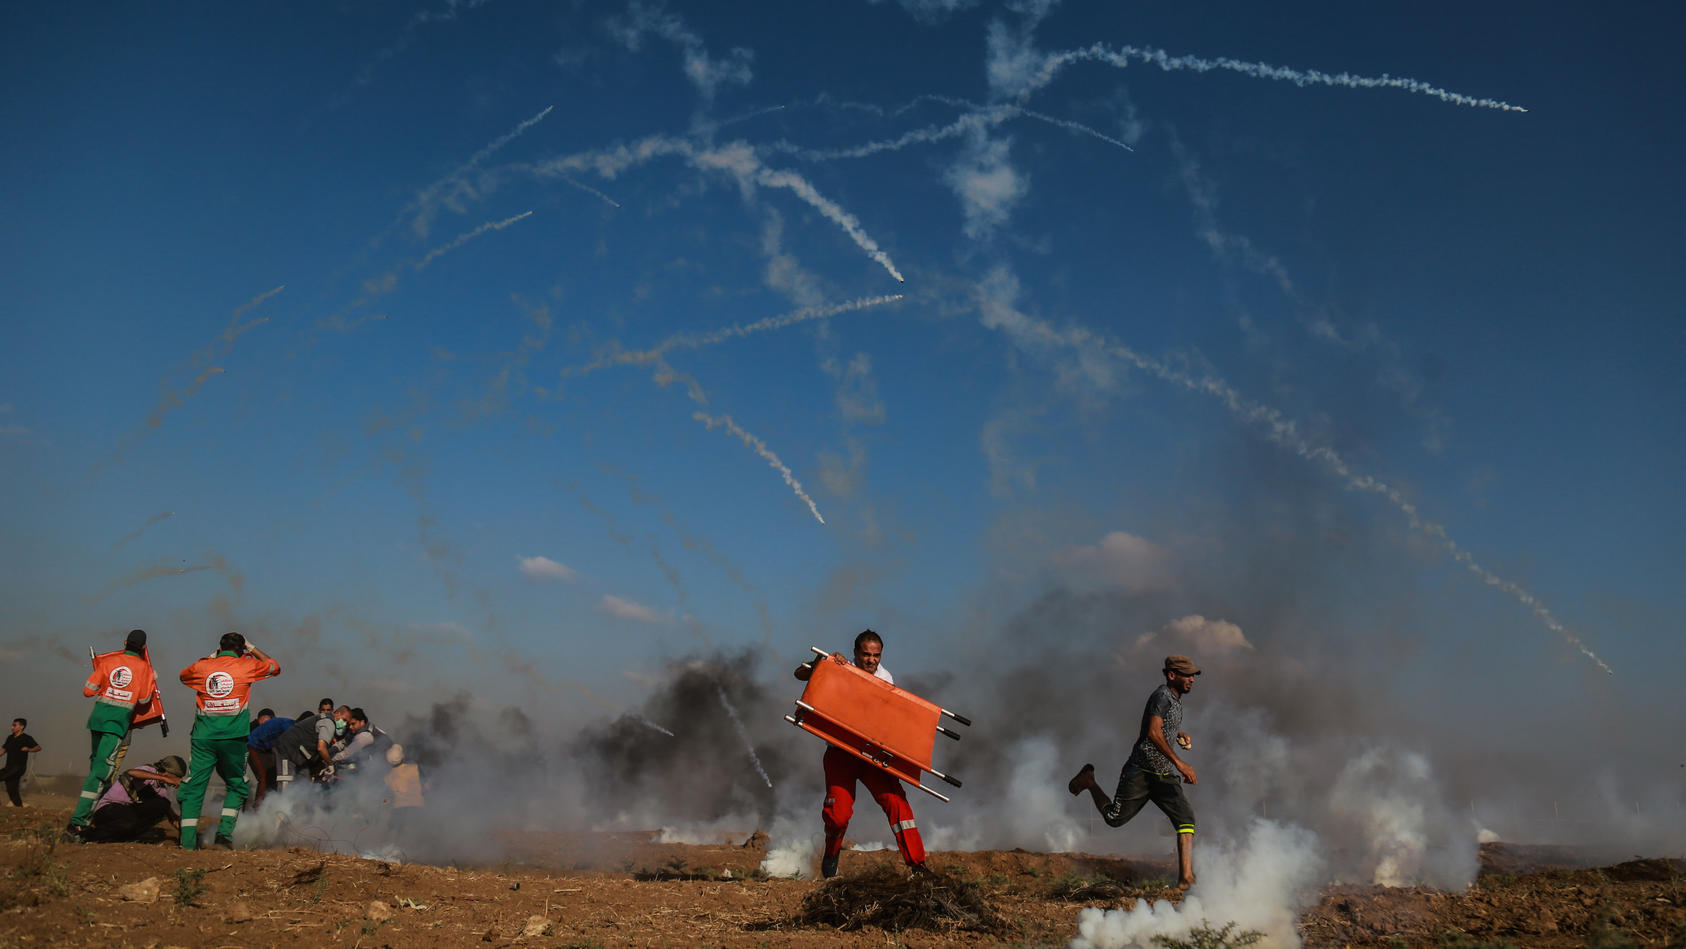 Konflikt in Gaza